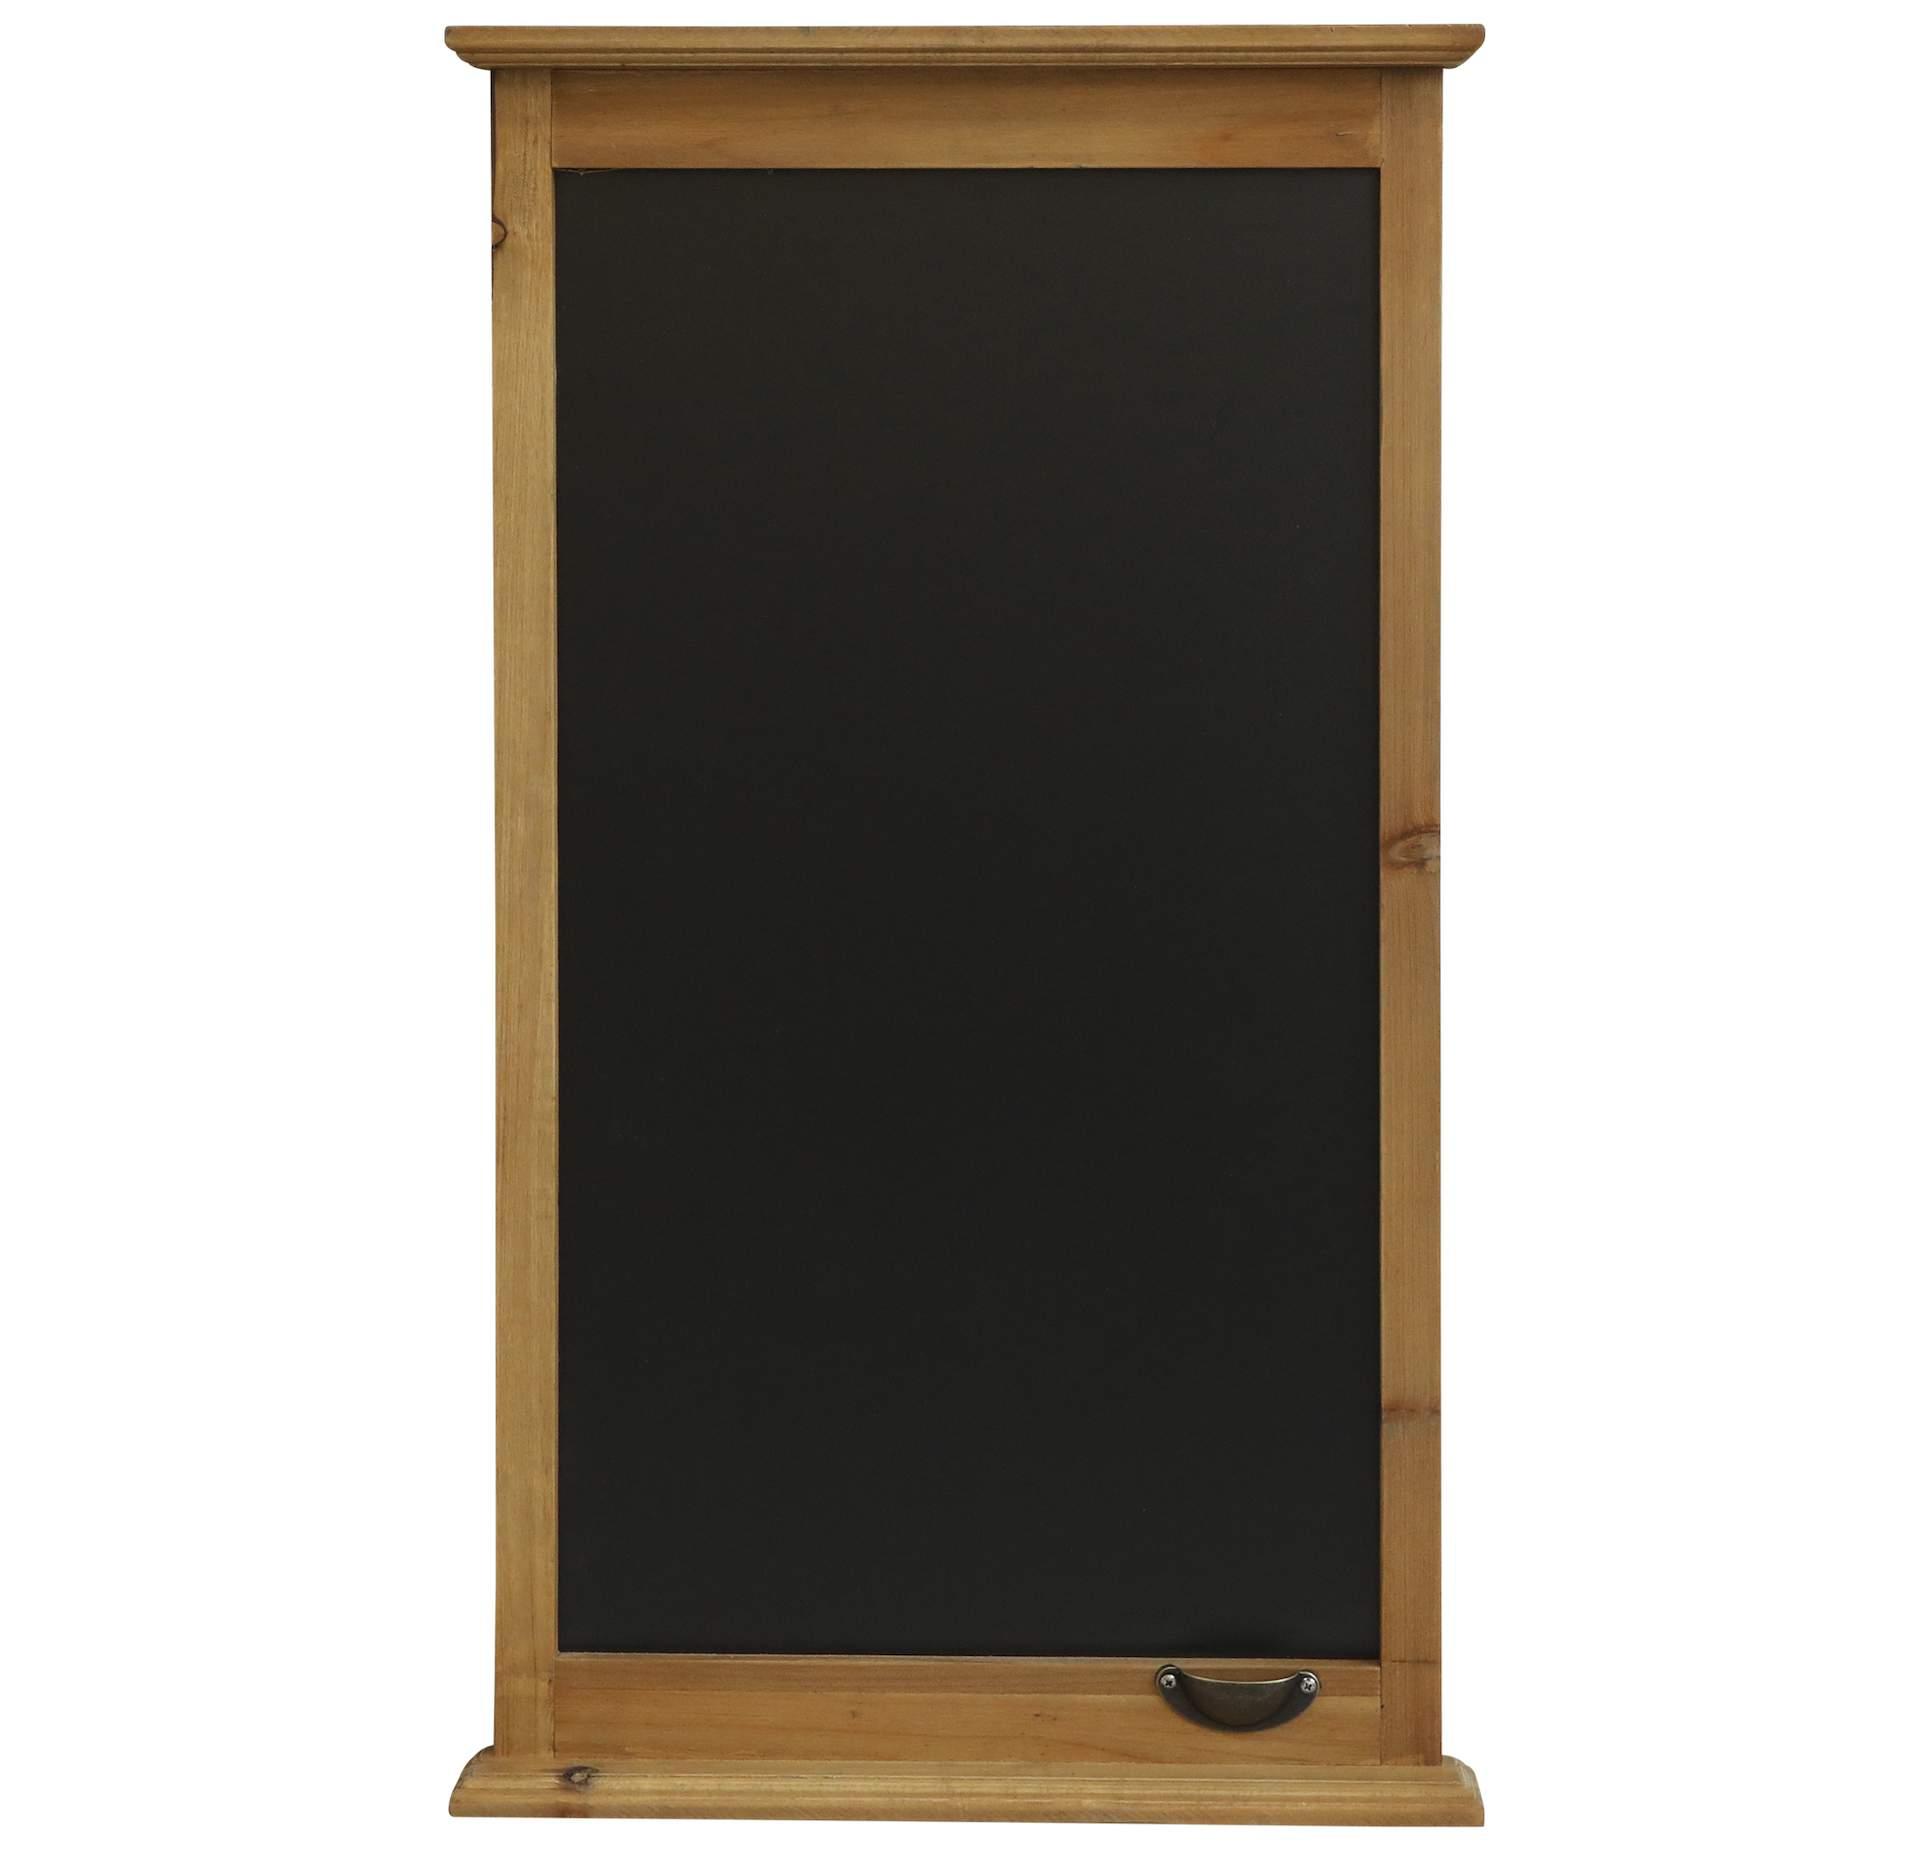 Chic Antique Popisovací tabule s držátkem na křídu Nature, černá barva, přírodní barva, dřevo, kov, dřevotříska